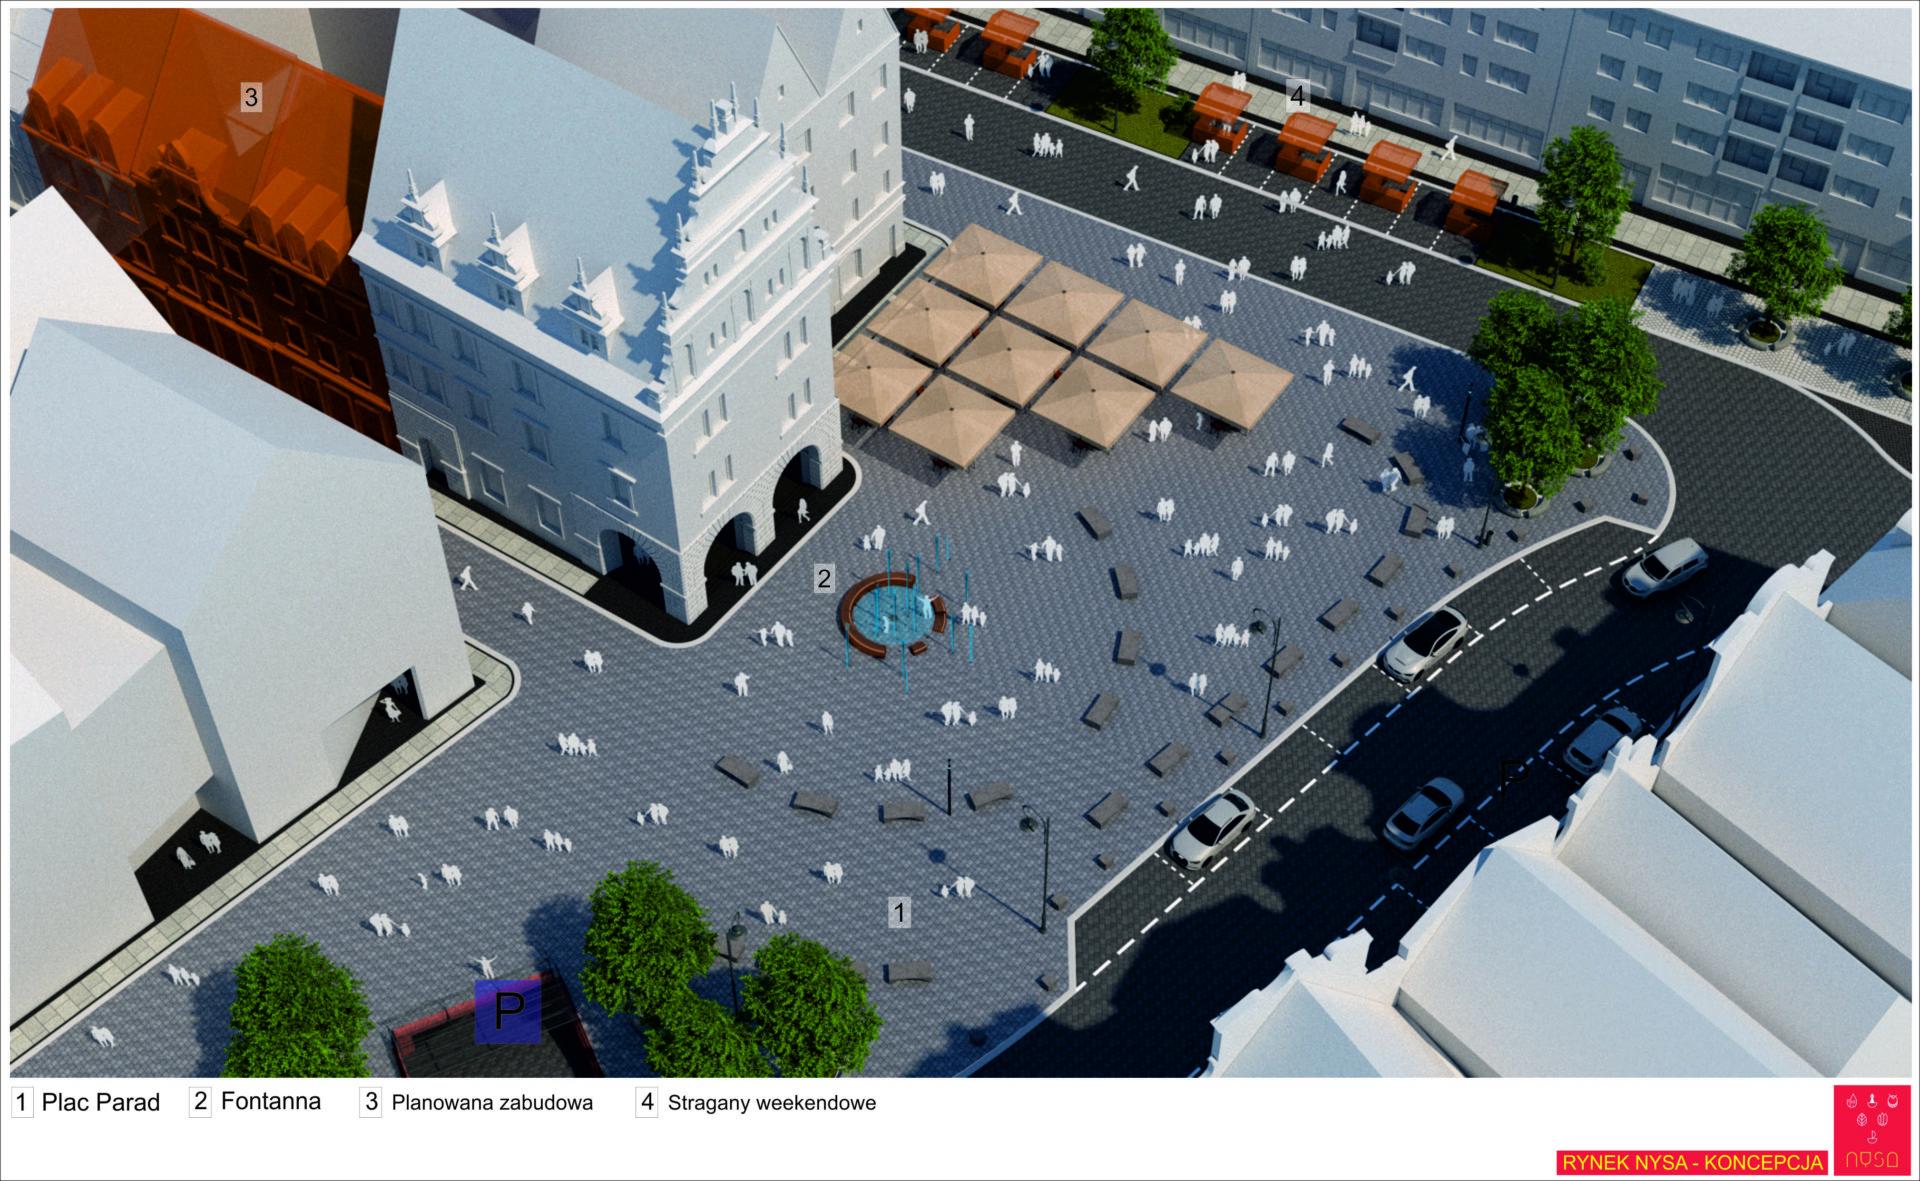 Nowe atrakcje w Rynku. Wkrótce II etap remontu serca miasta